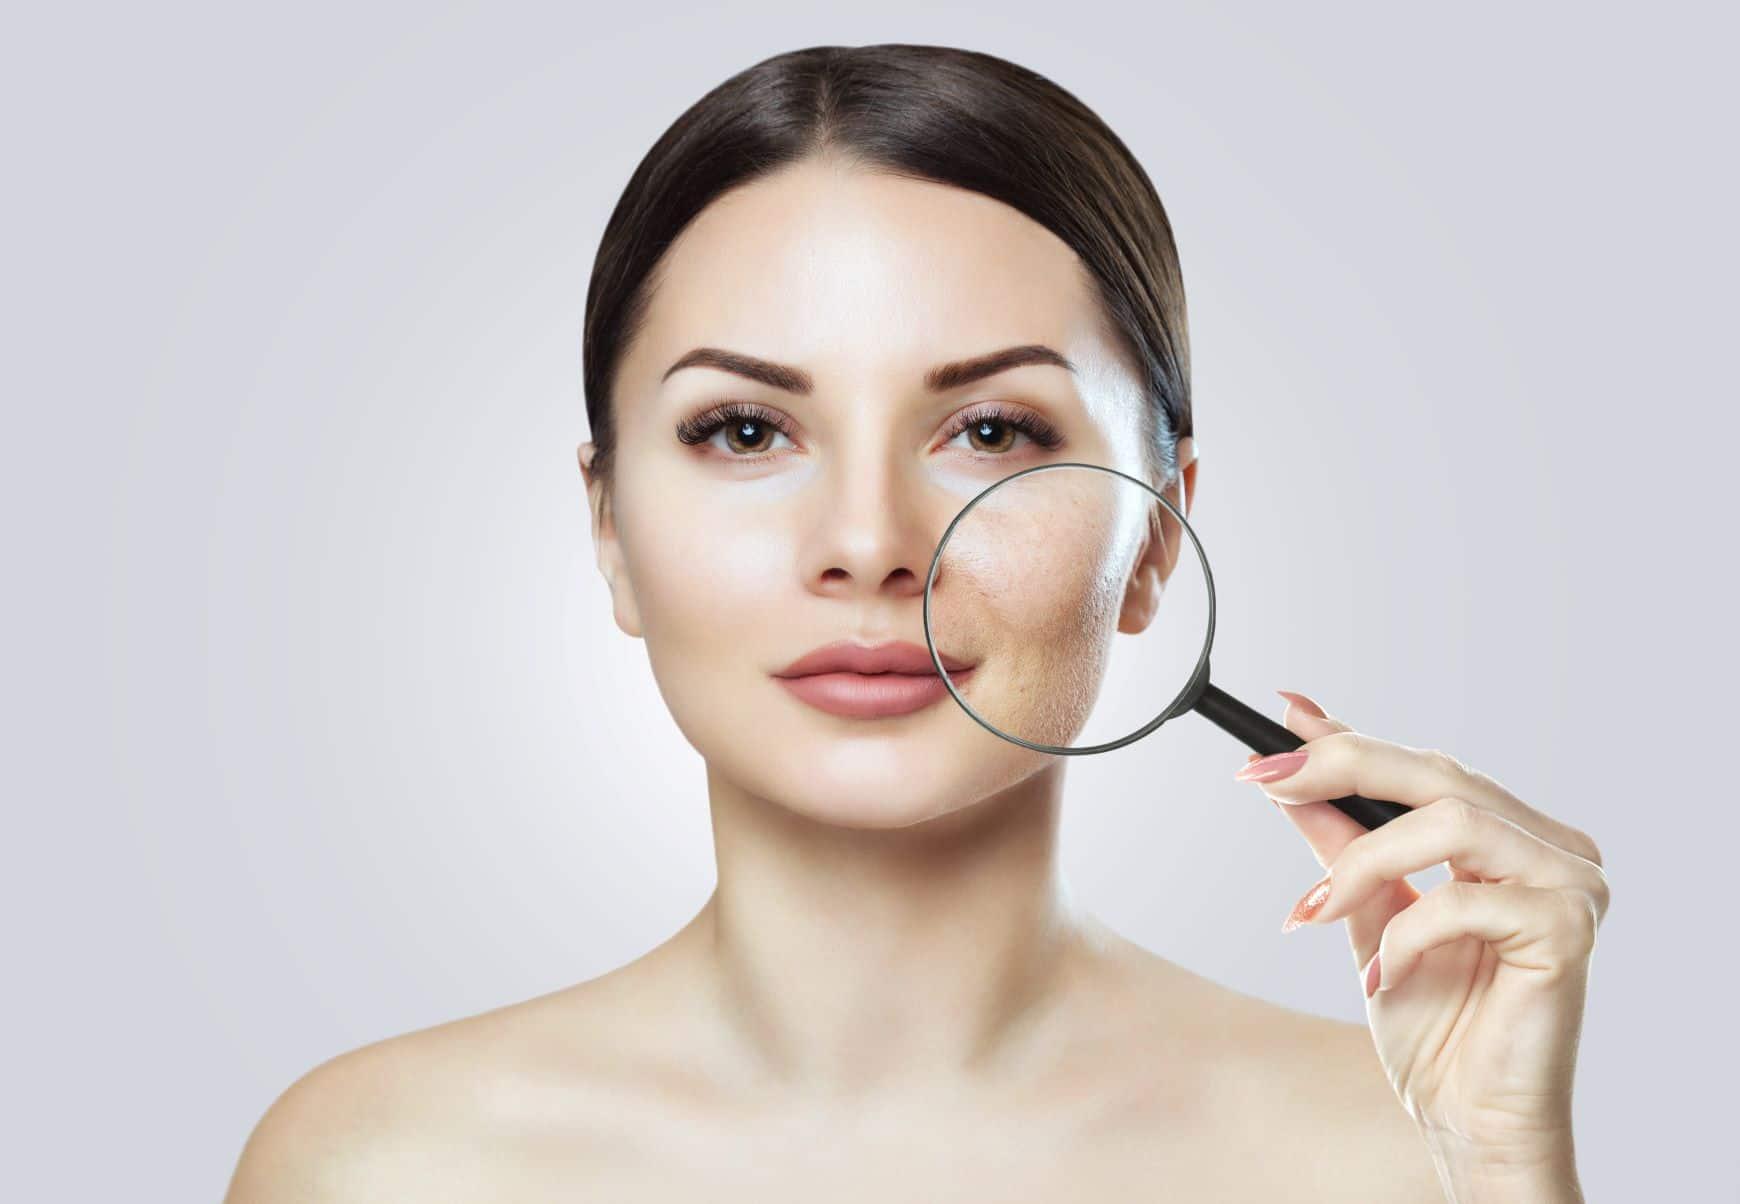 femme regardant ses pores dilatés à la loupe